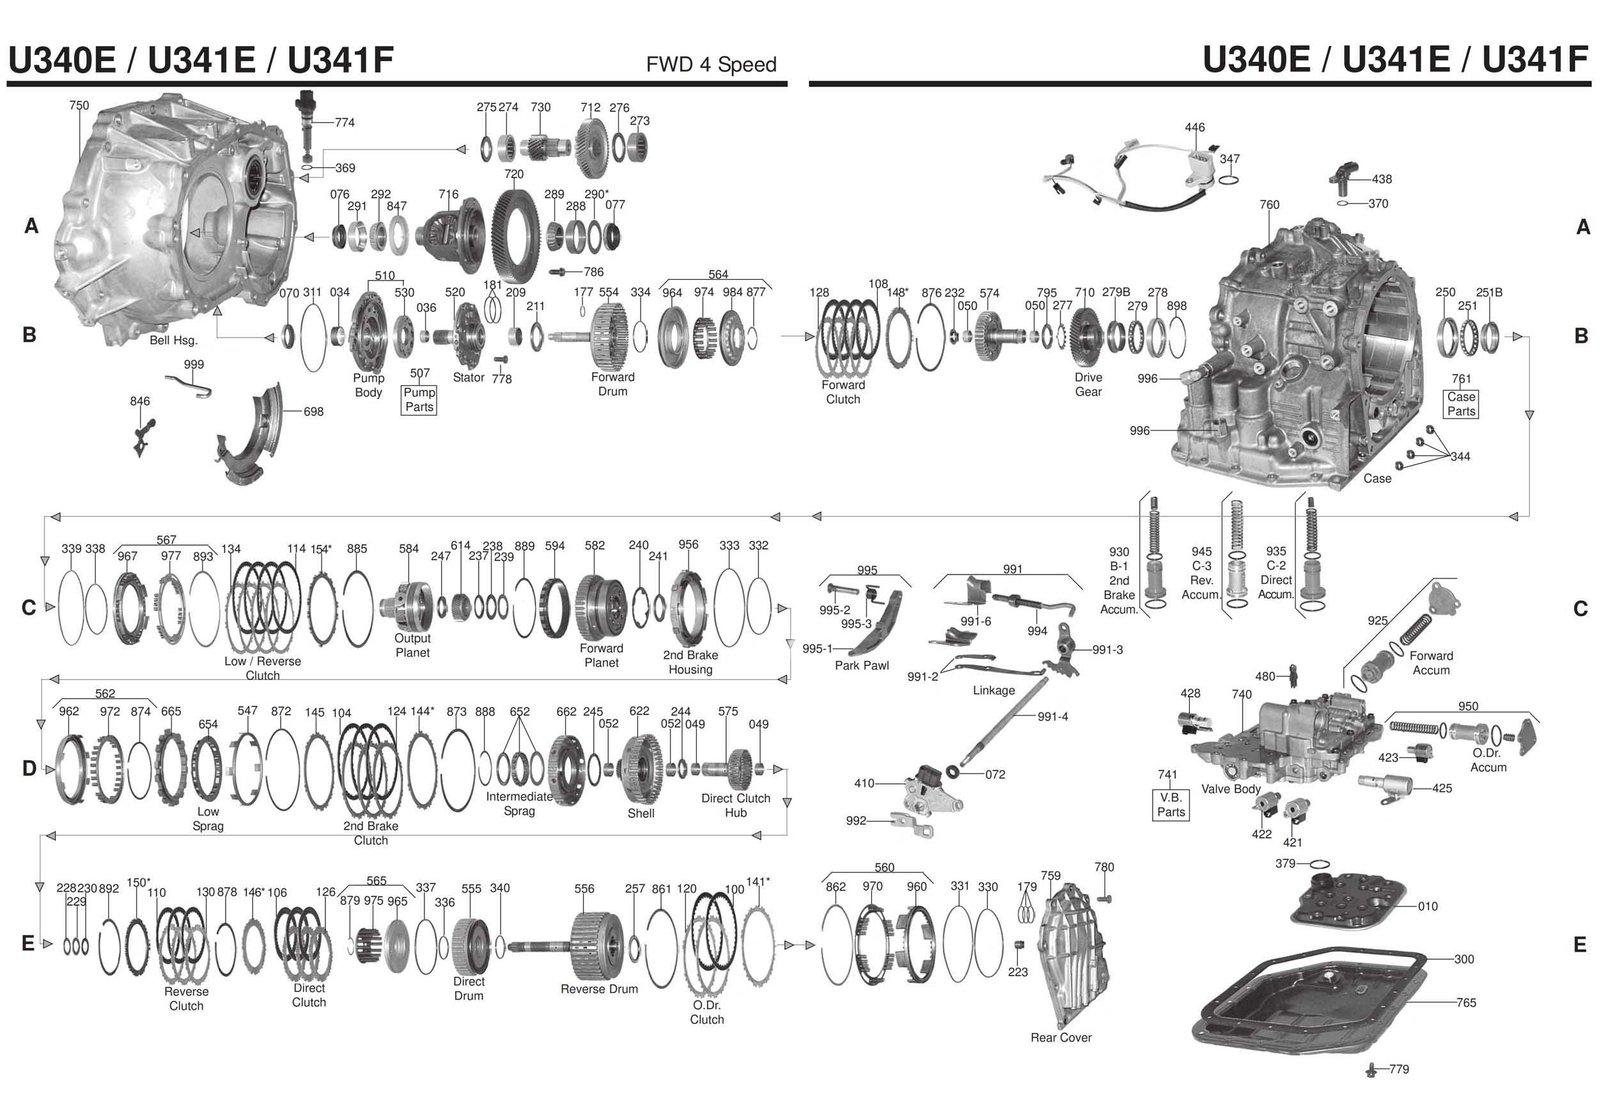 U340E